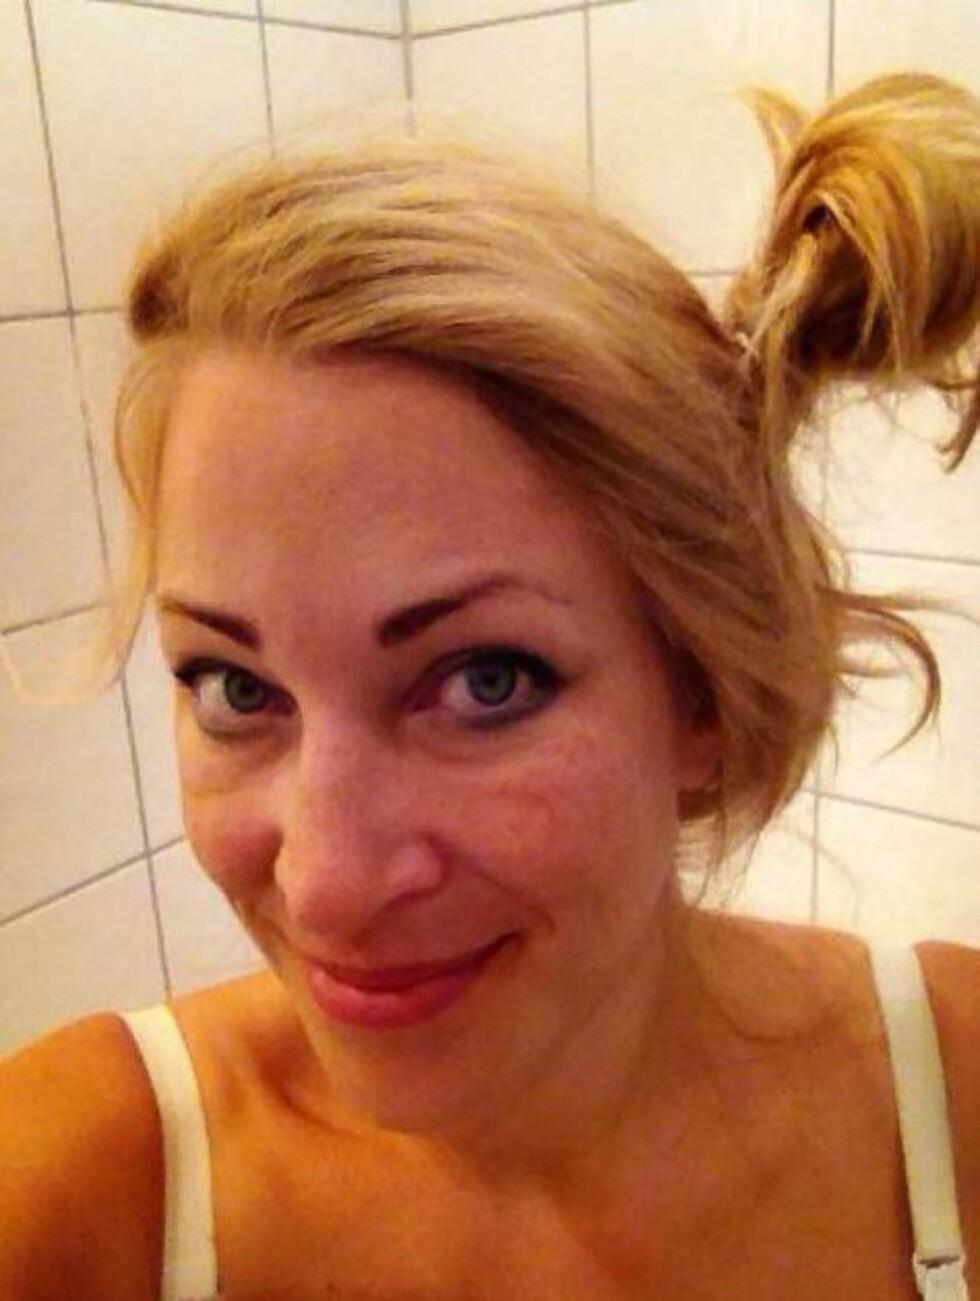 DAGEN DERPÅ: Da jeg så meg i speilet morgenen etter, måtte jeg bare le, sier Heidi. Foto: Privat